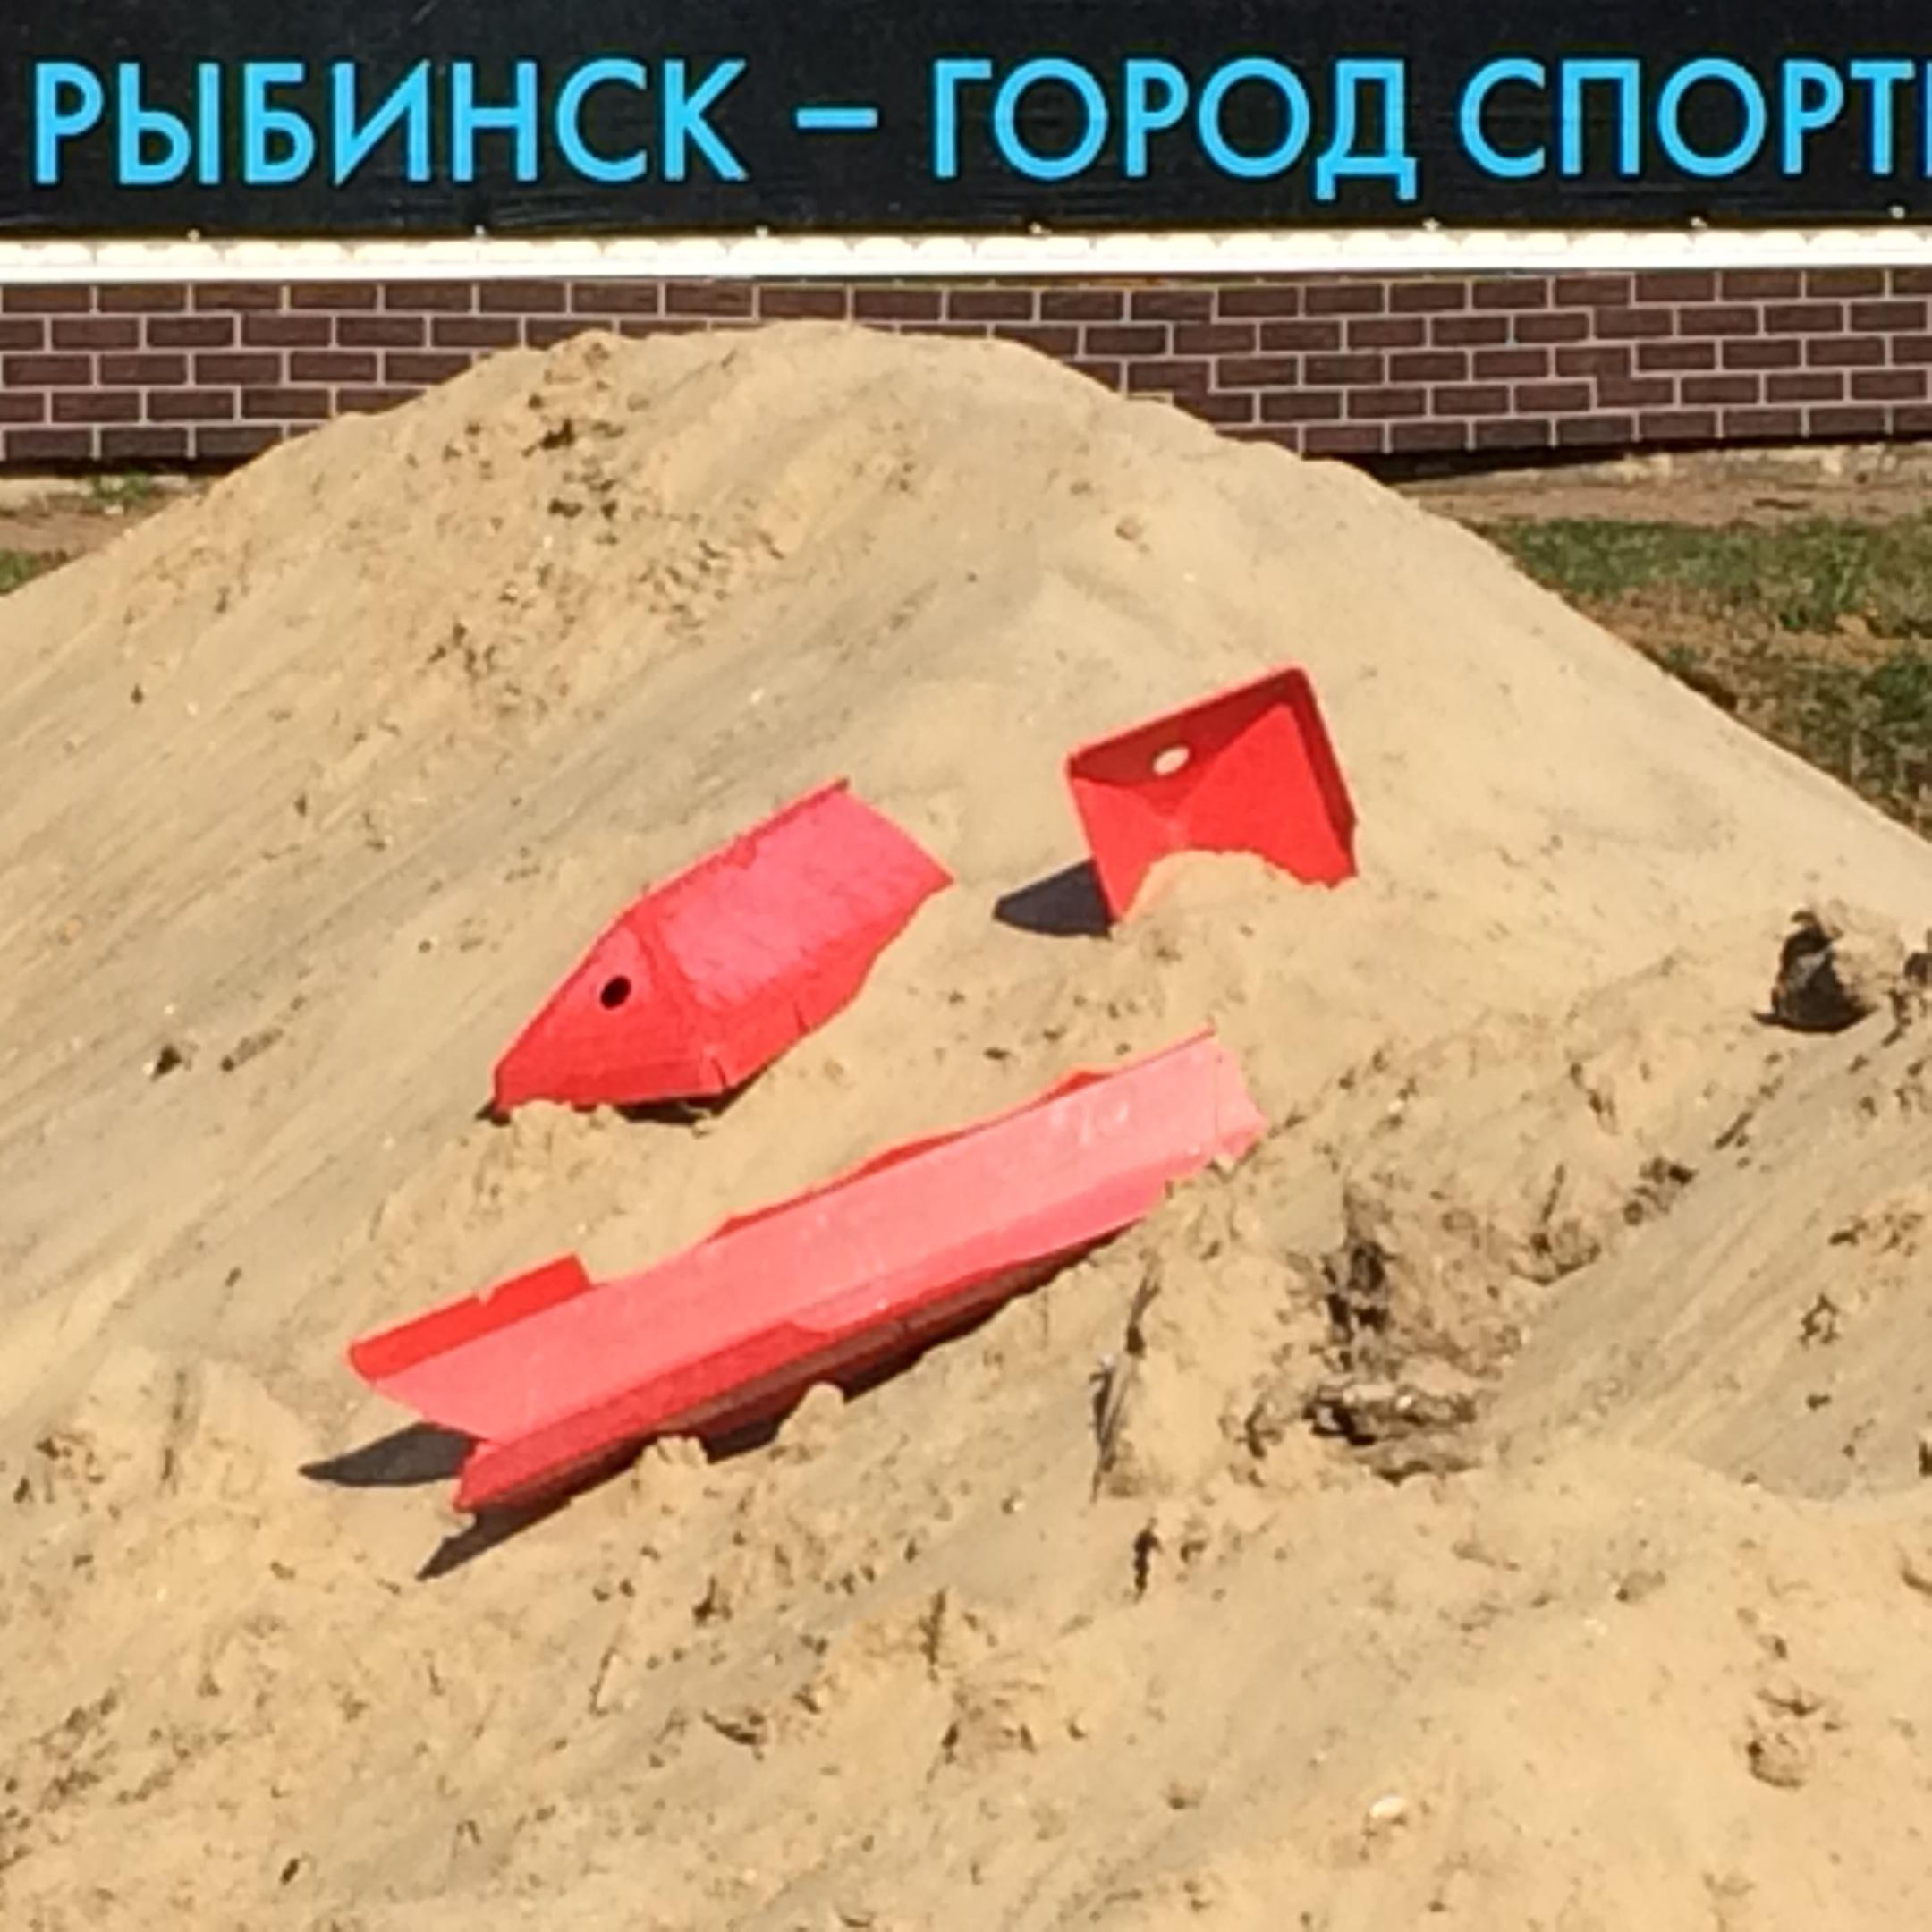 Фотография территории ЦЛС Дёмино (Рыбинский р-н, Ярославская обл.)